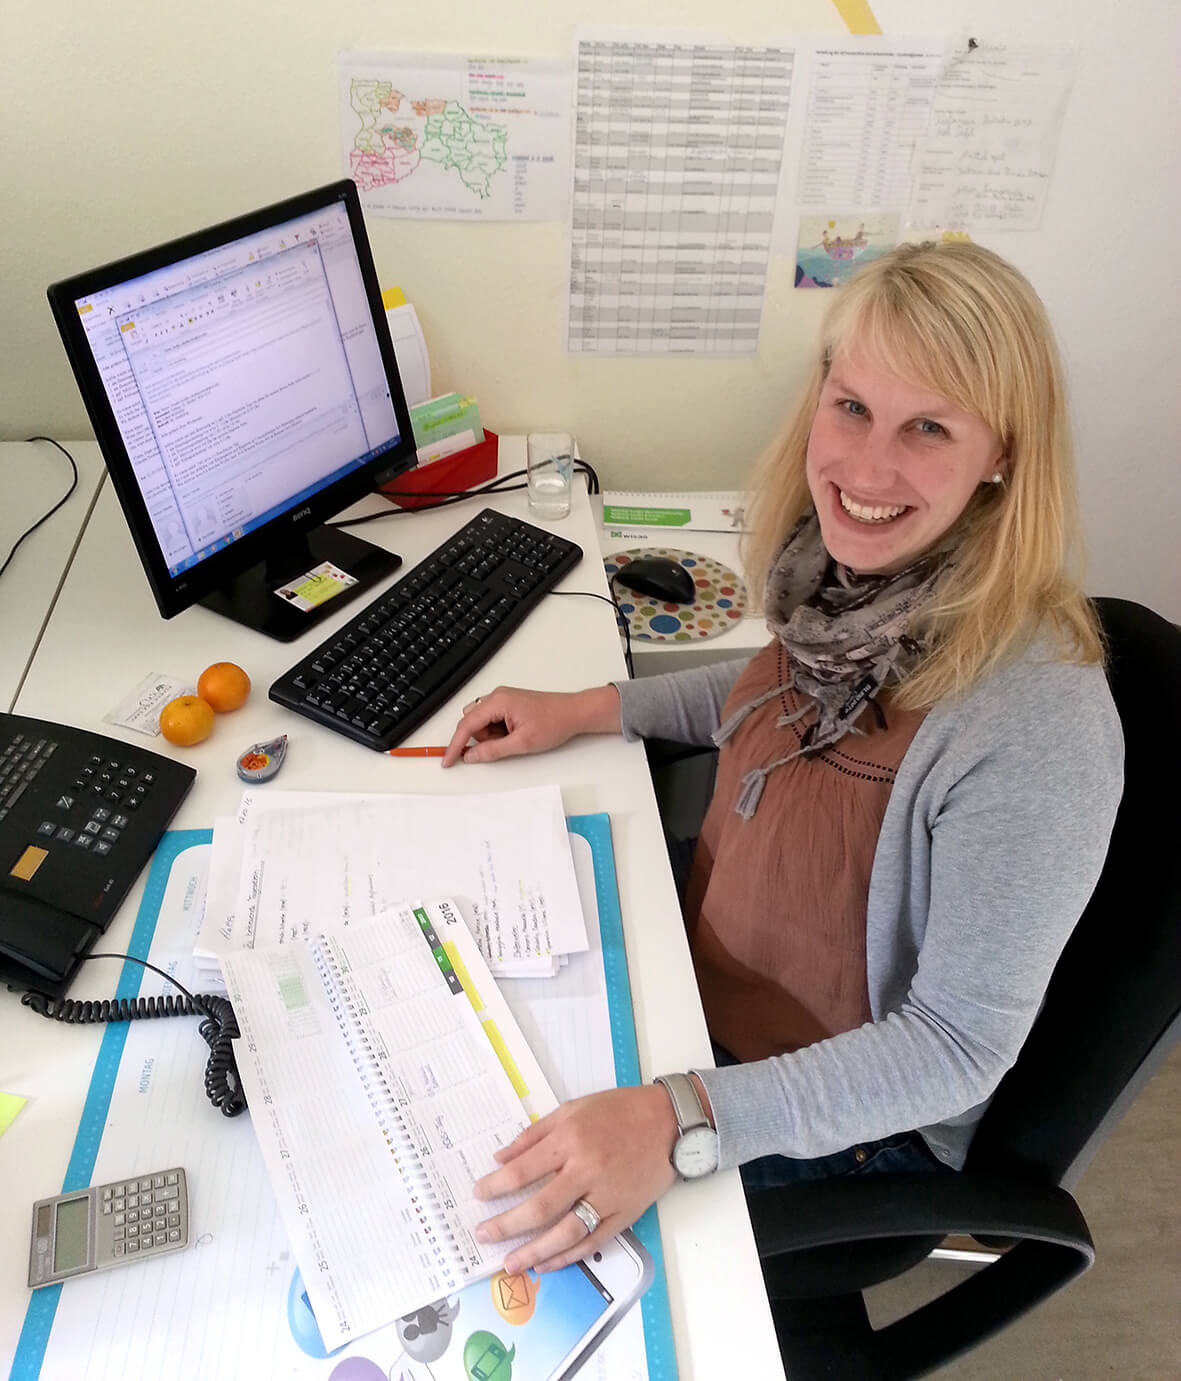 Foto Isabel am Schreibtisch